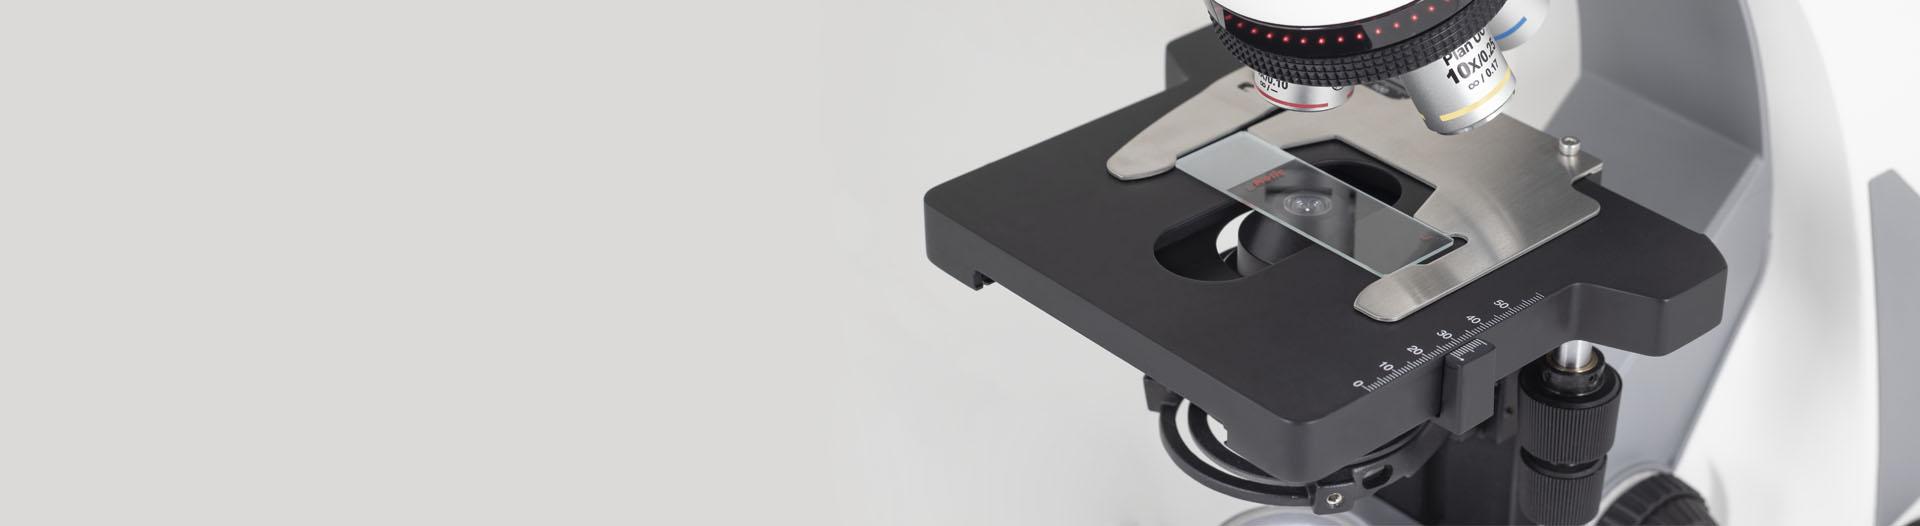 Panthera E2 microscope mechanics stage